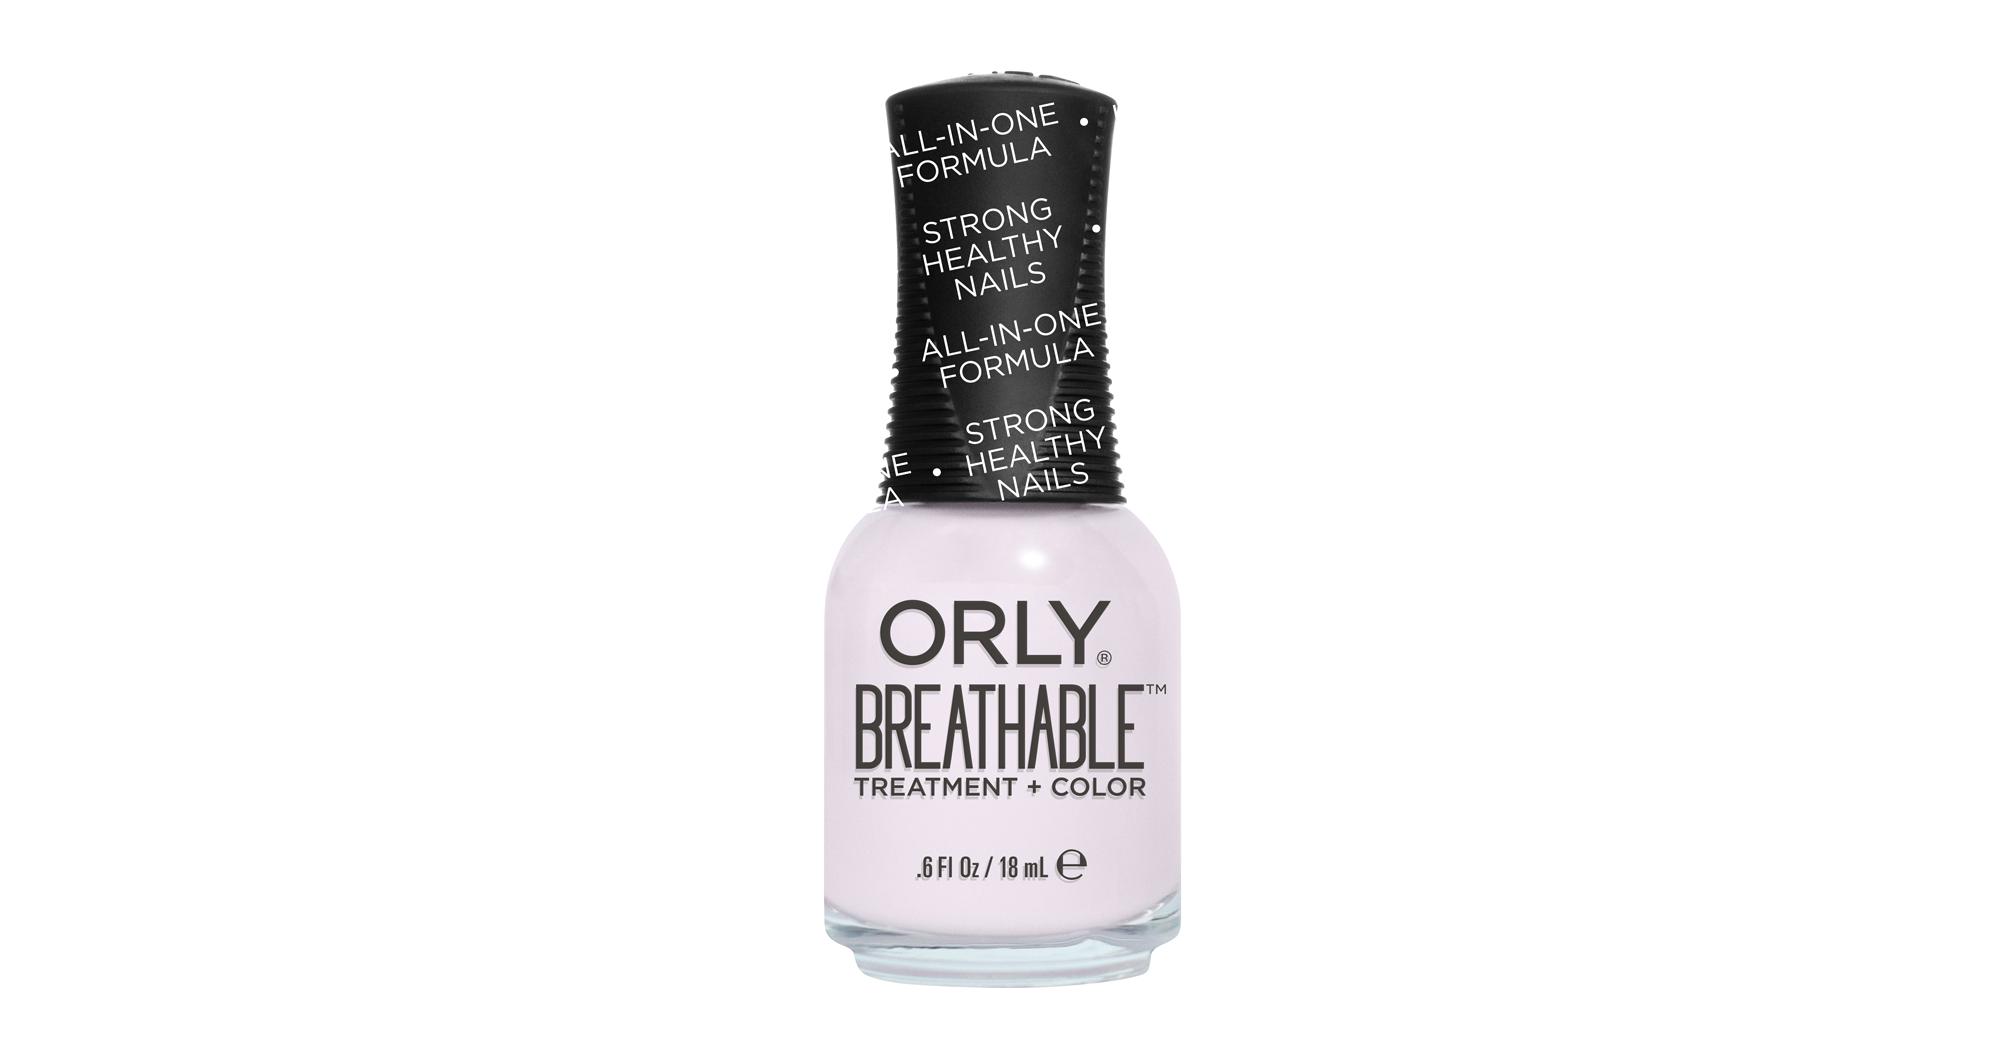 Orly Breathable Nail Polish Halal - Muslim Beauty